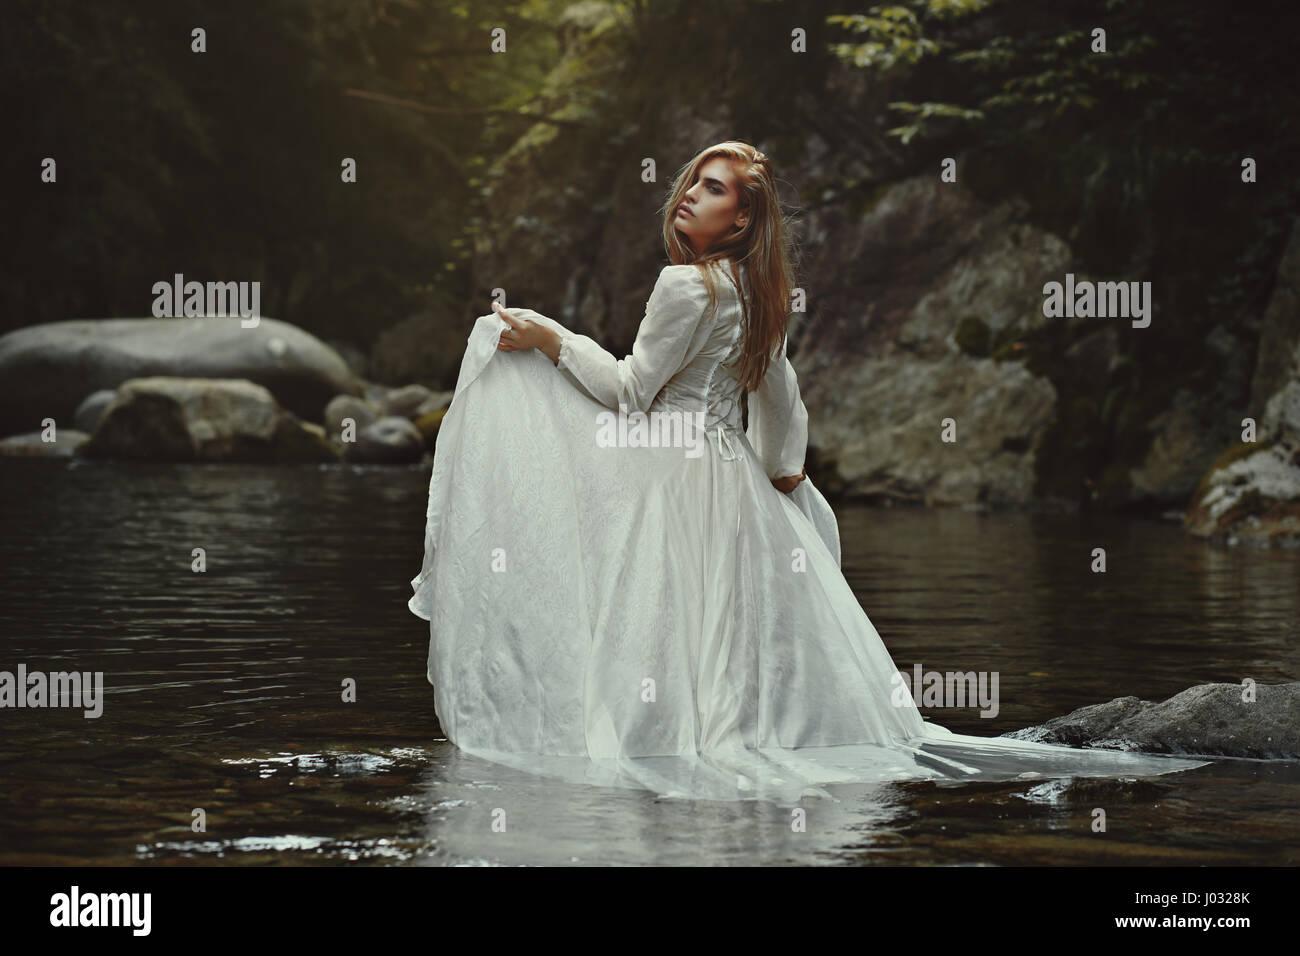 Belle femme éthérée dans les eaux mystiques. Étang de fantaisie Photo Stock